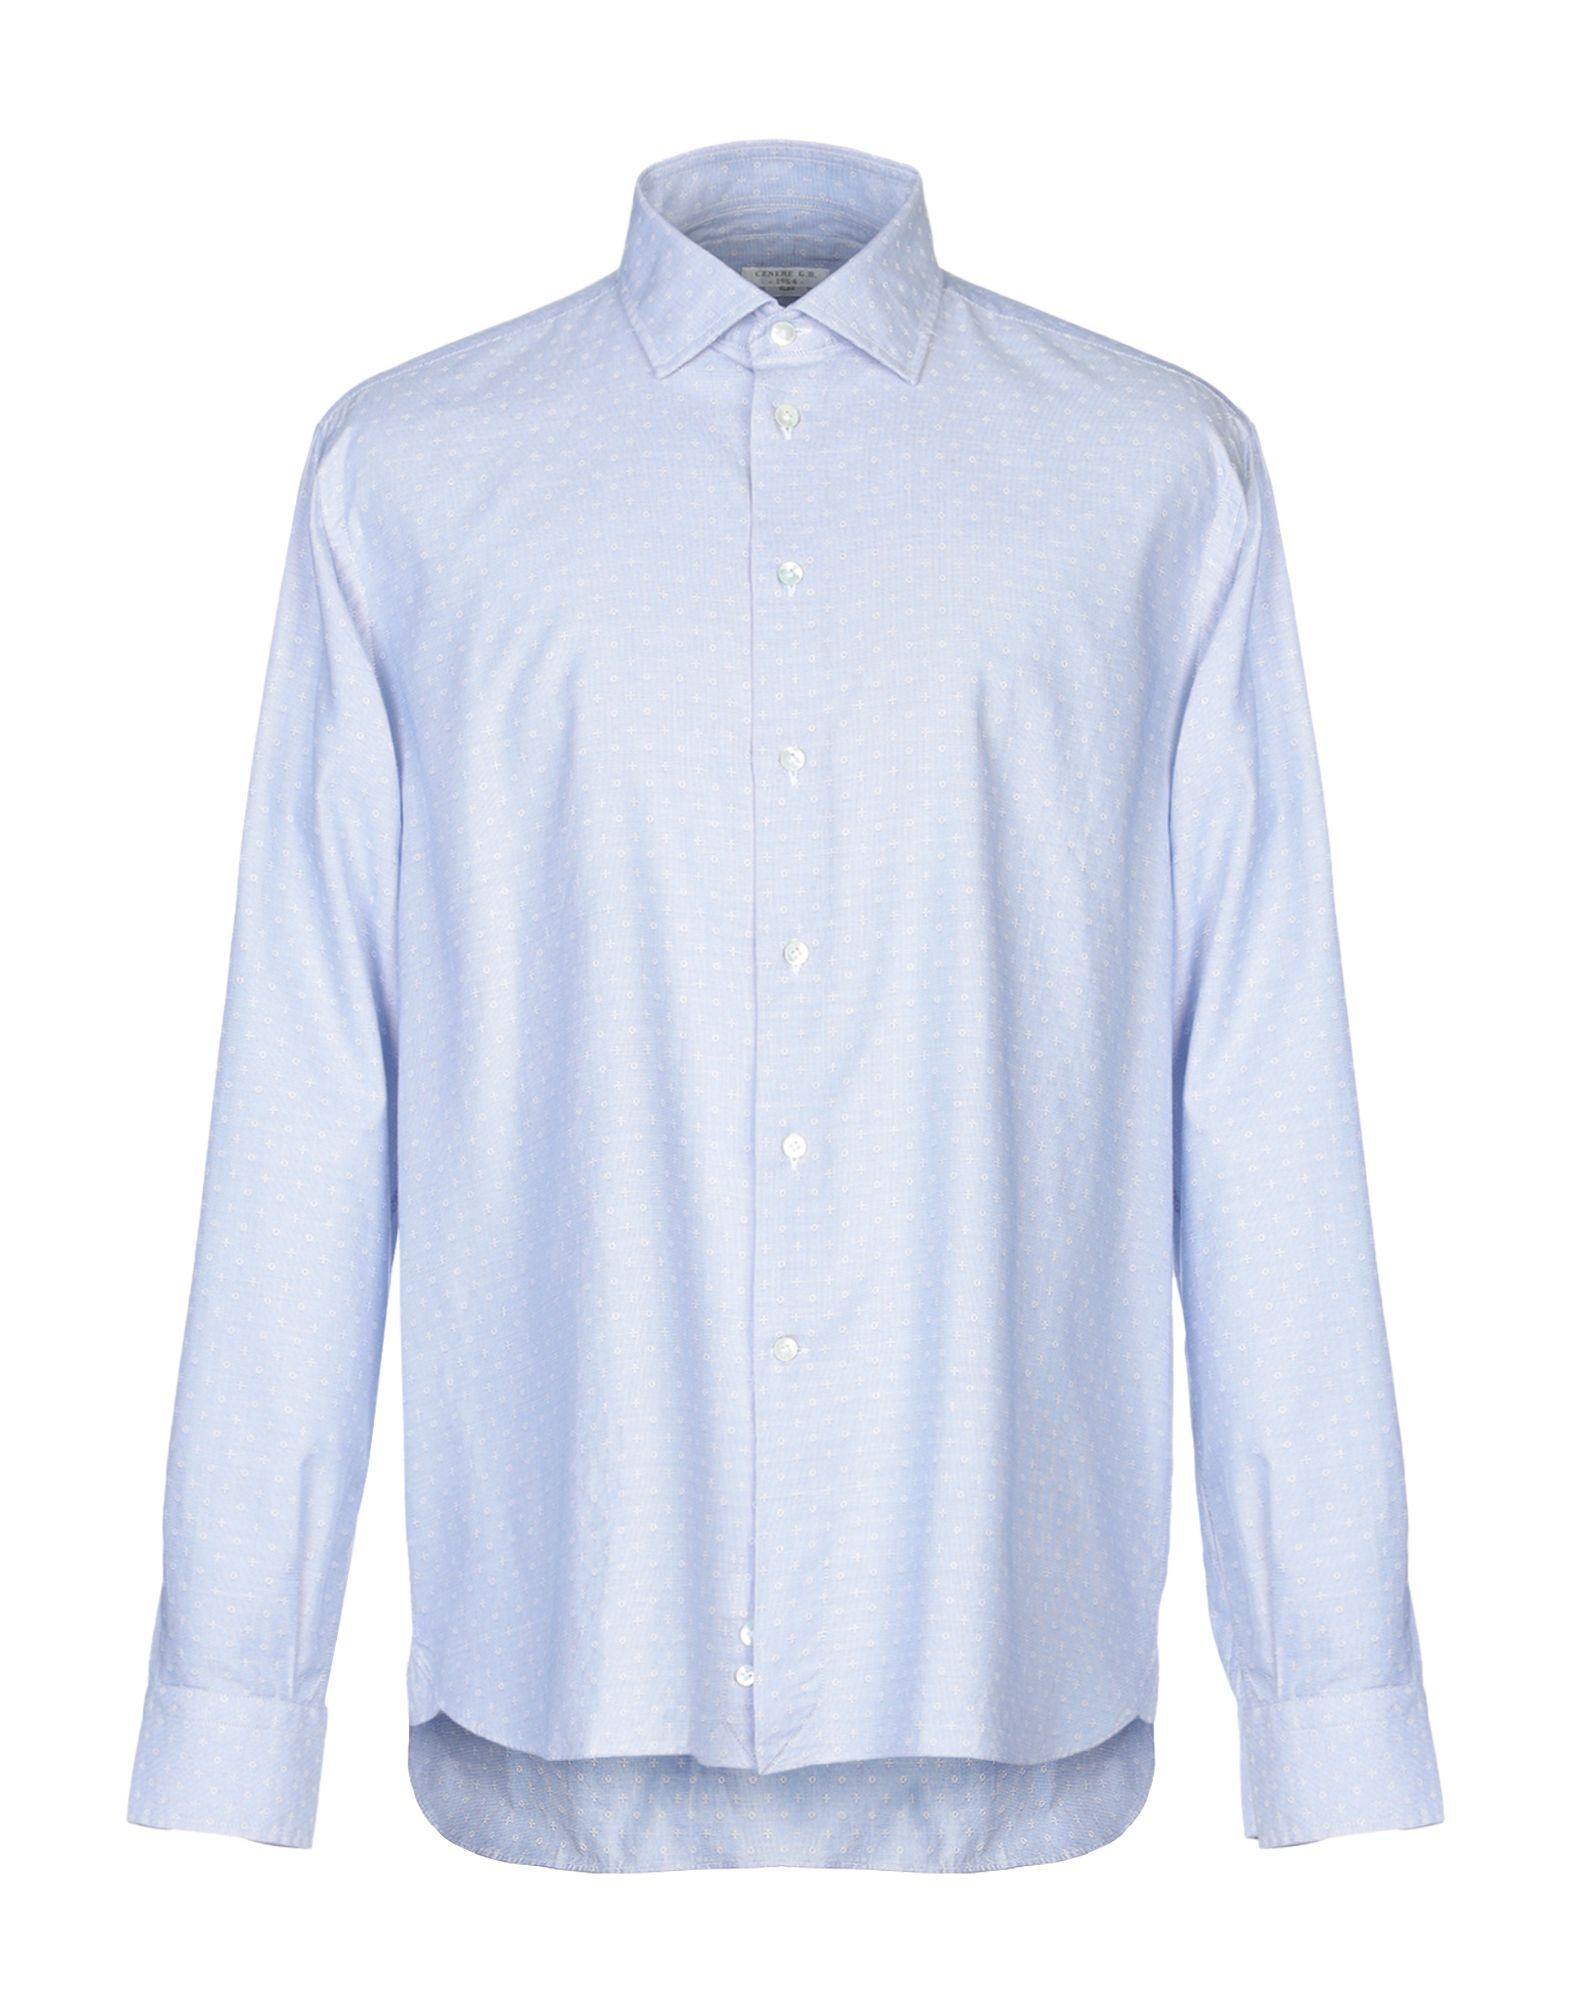 《期間限定セール中》G.B. CENERE メンズ シャツ ブルー 43 コットン 100%